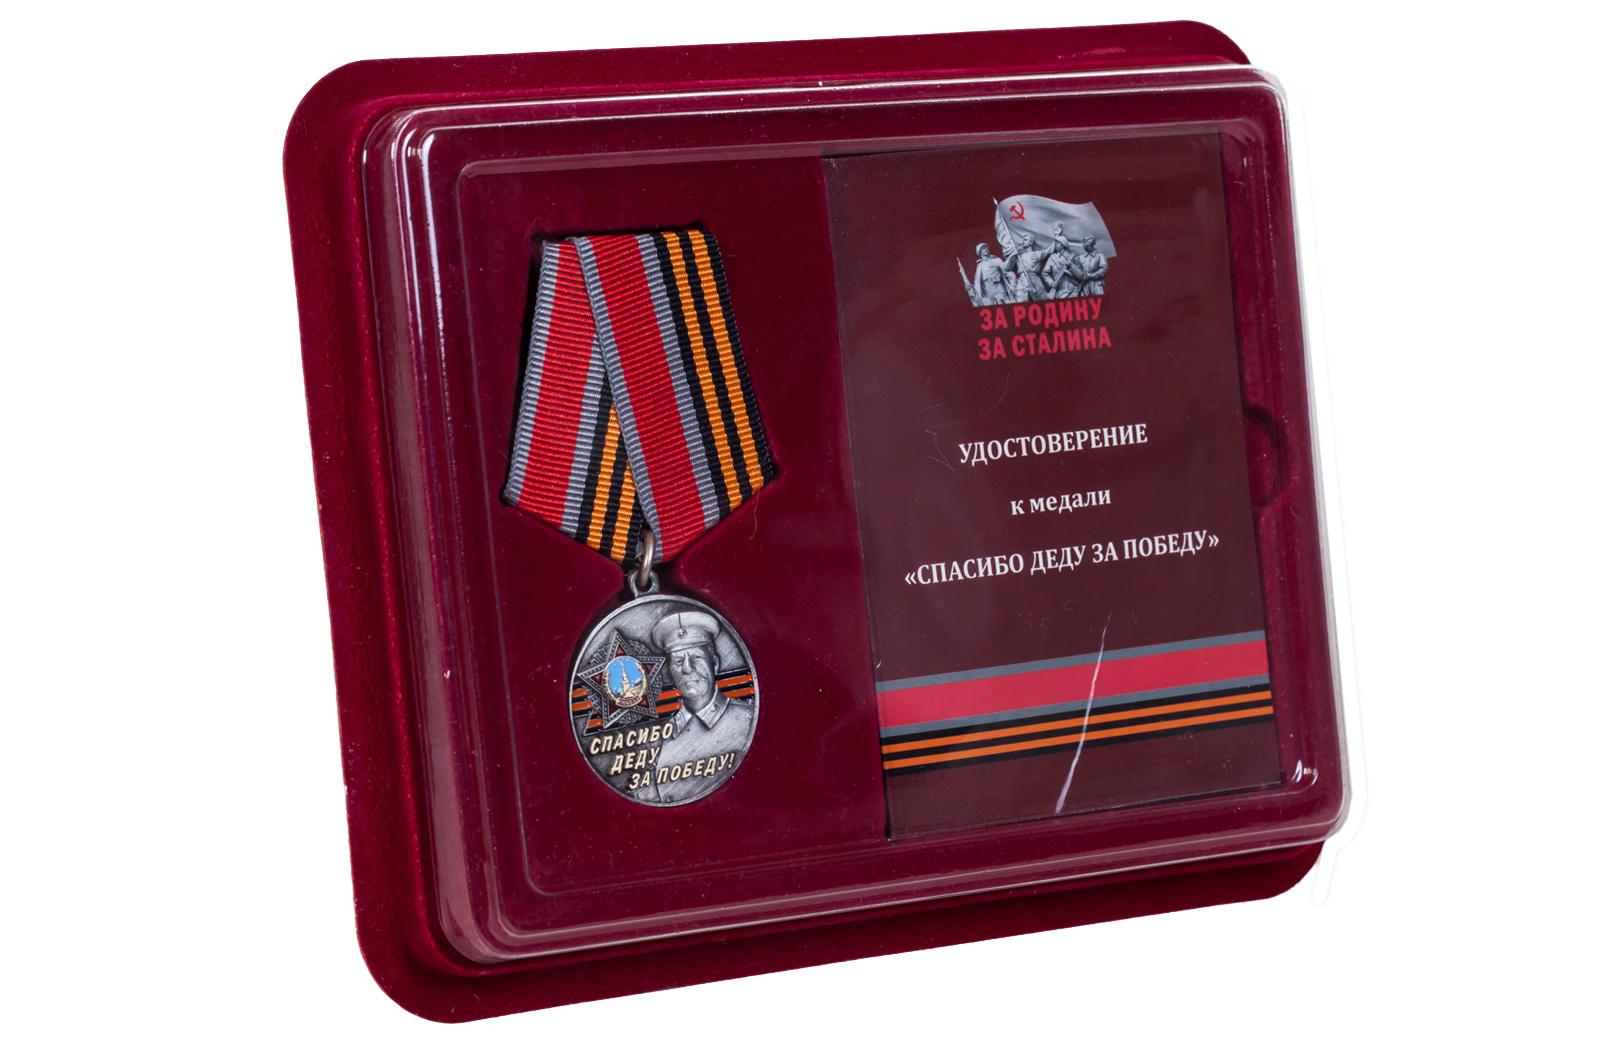 Купить латунную медаль со Сталиным Спасибо деду за Победу! с доставкой